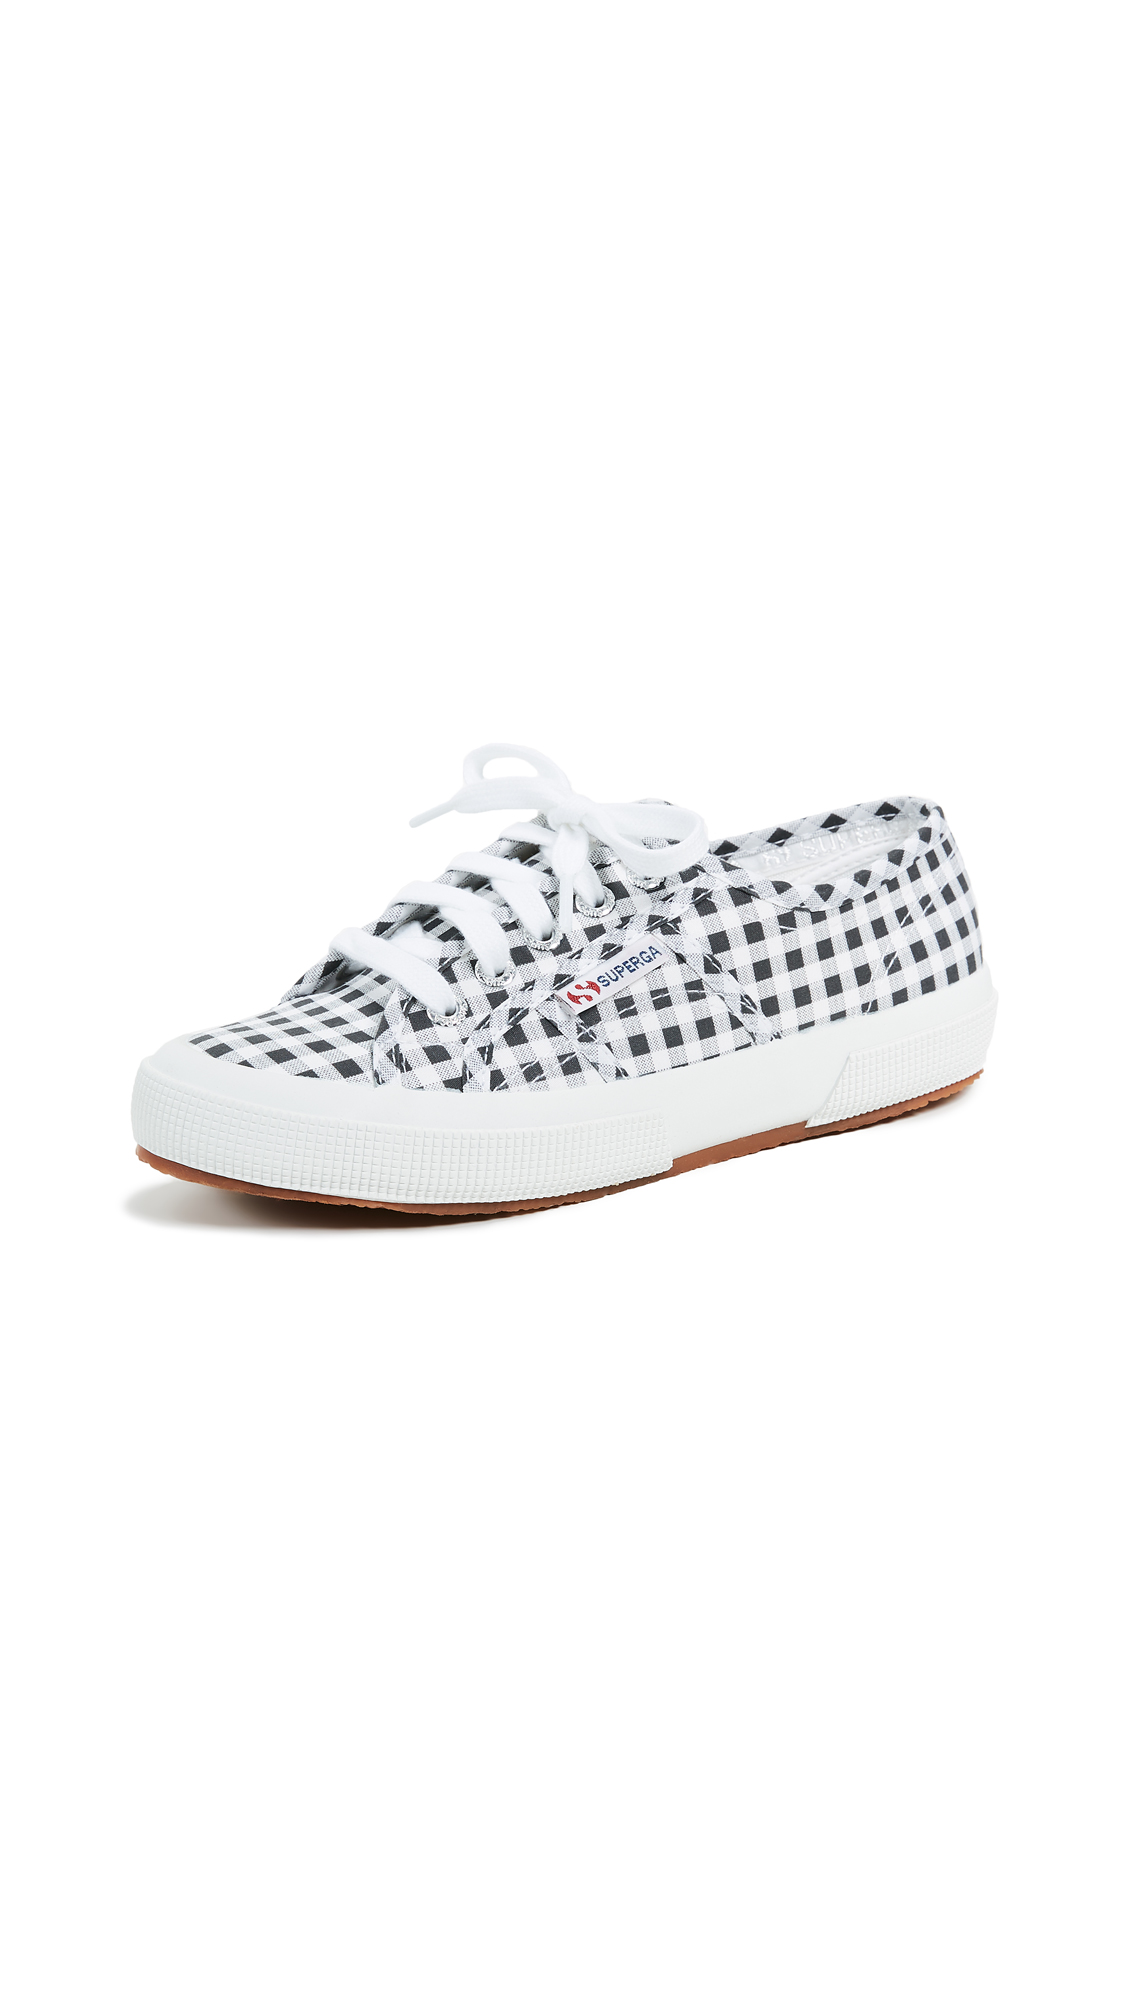 Superga 2750 Gingham Sneakers - Black